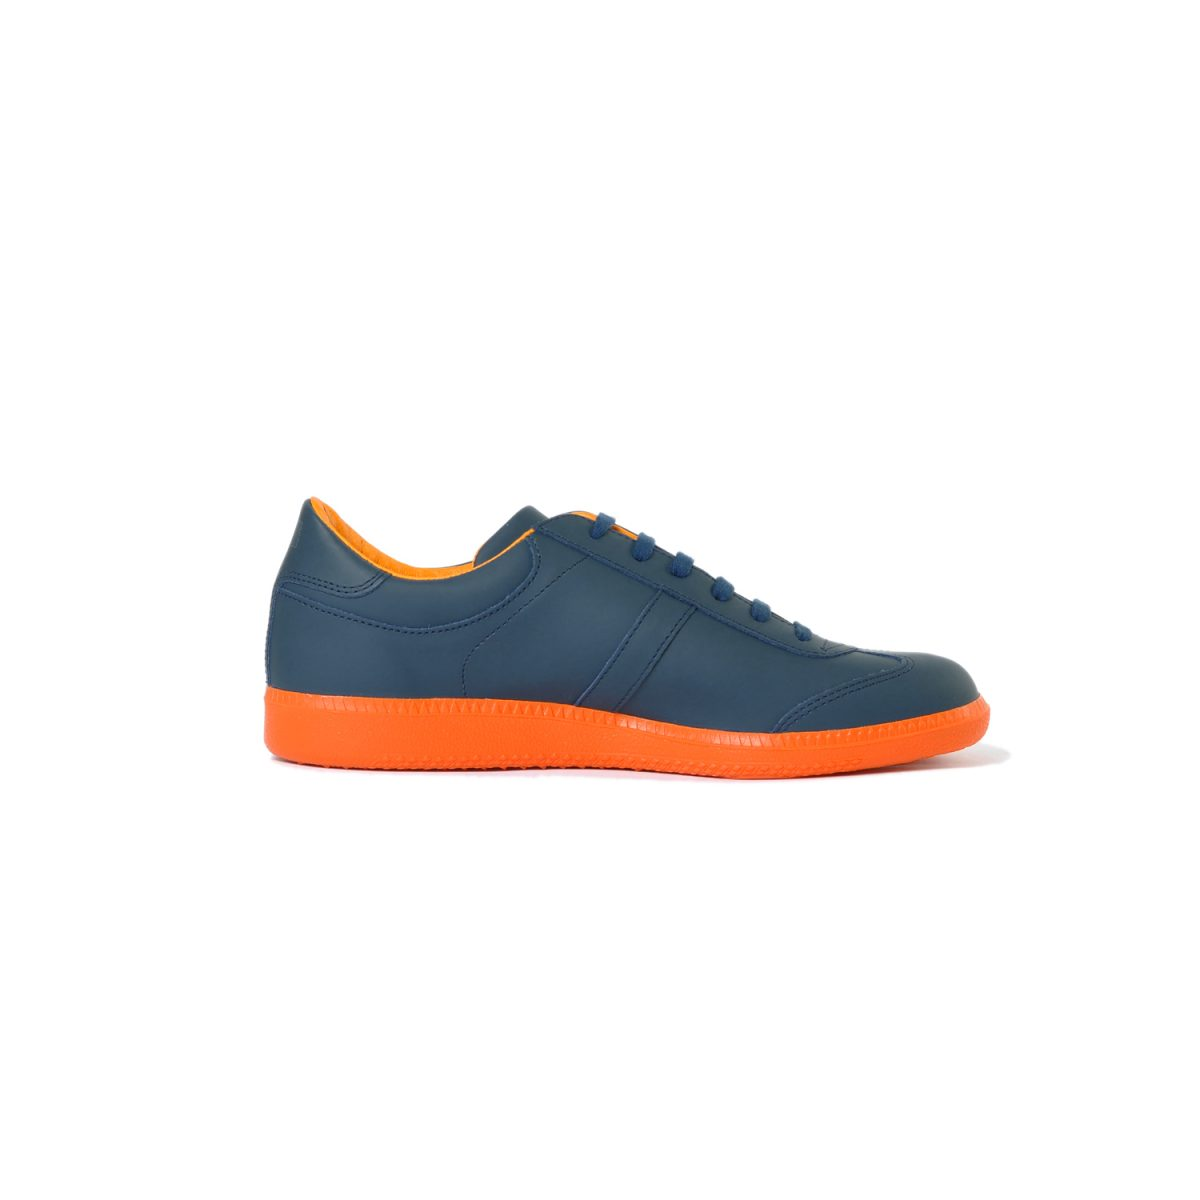 Tisza cipő - Compakt - Sötétkék-narancs